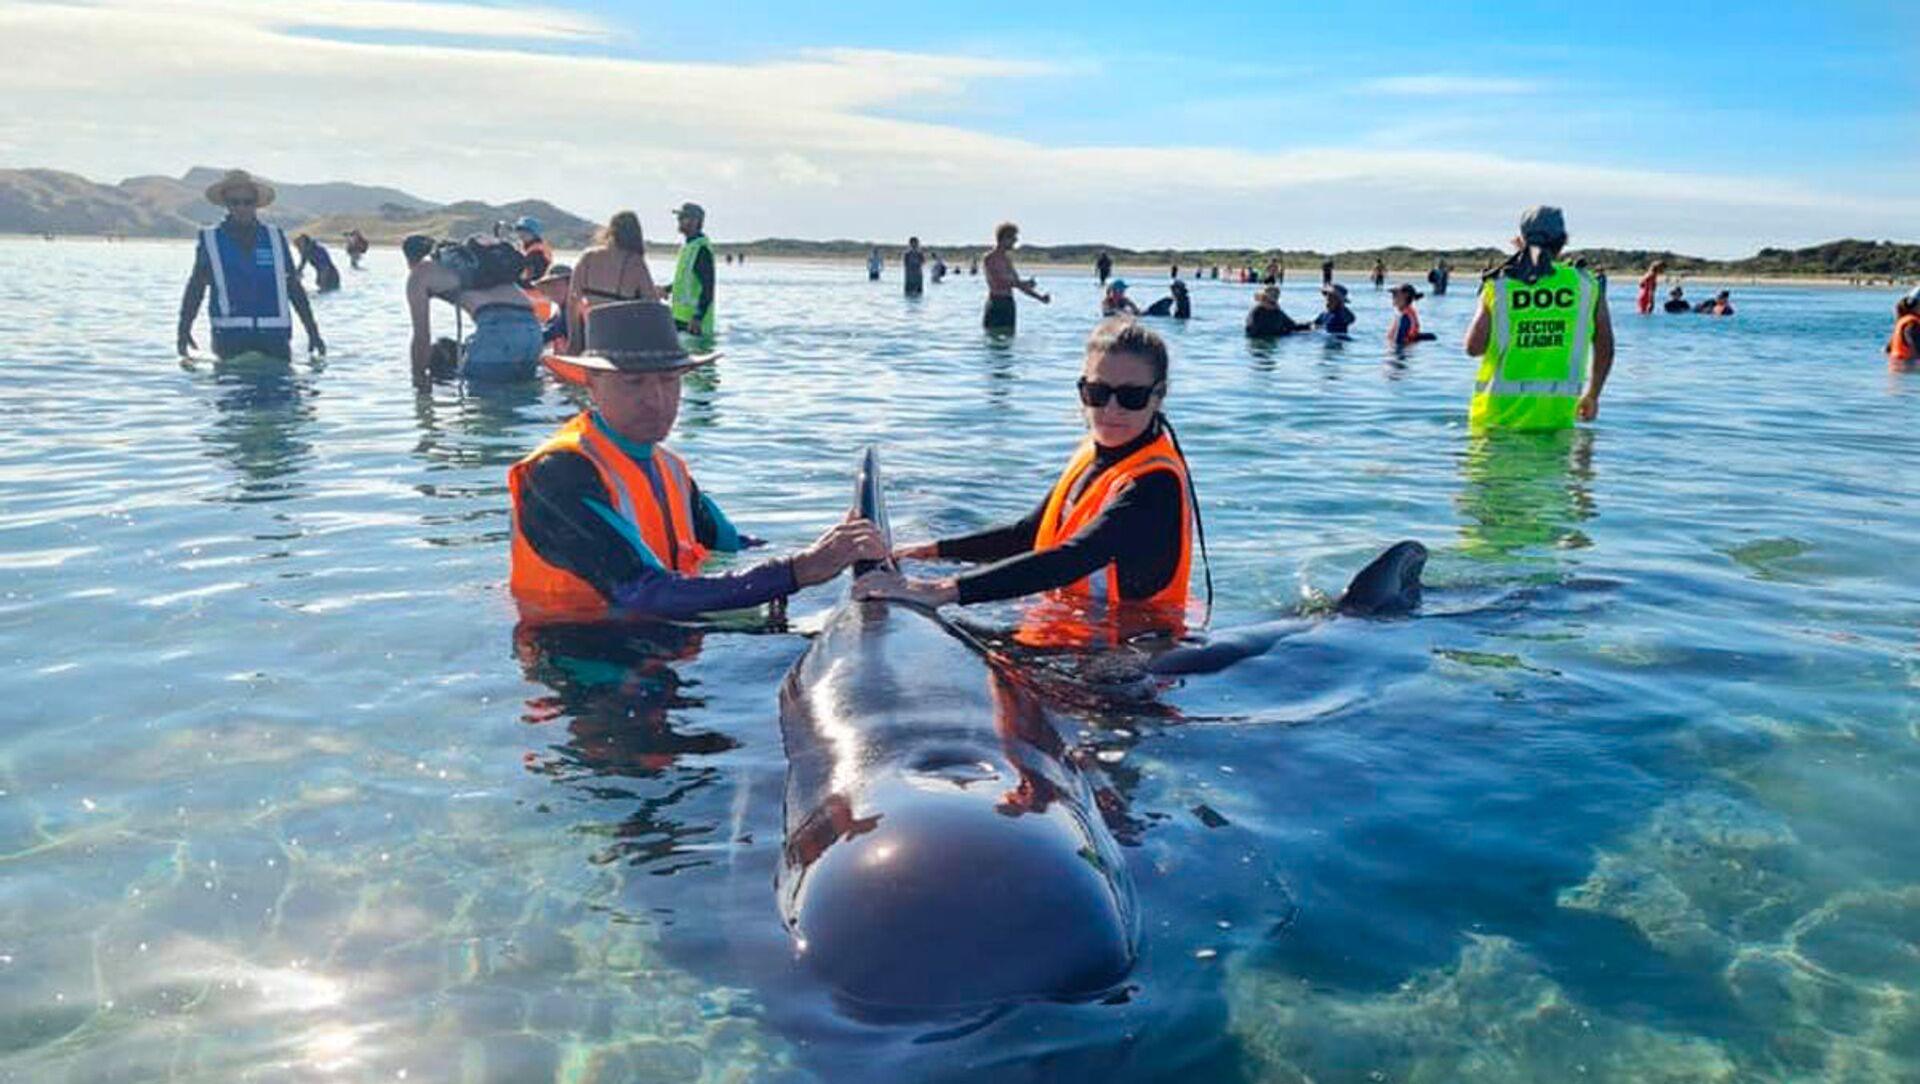 Pracownicy Departamentu Ochrony Środowiska Nowej Zelandii ratują wieloryby wyrzucone na brzeg w Golden Bay - Sputnik Polska, 1920, 22.02.2021